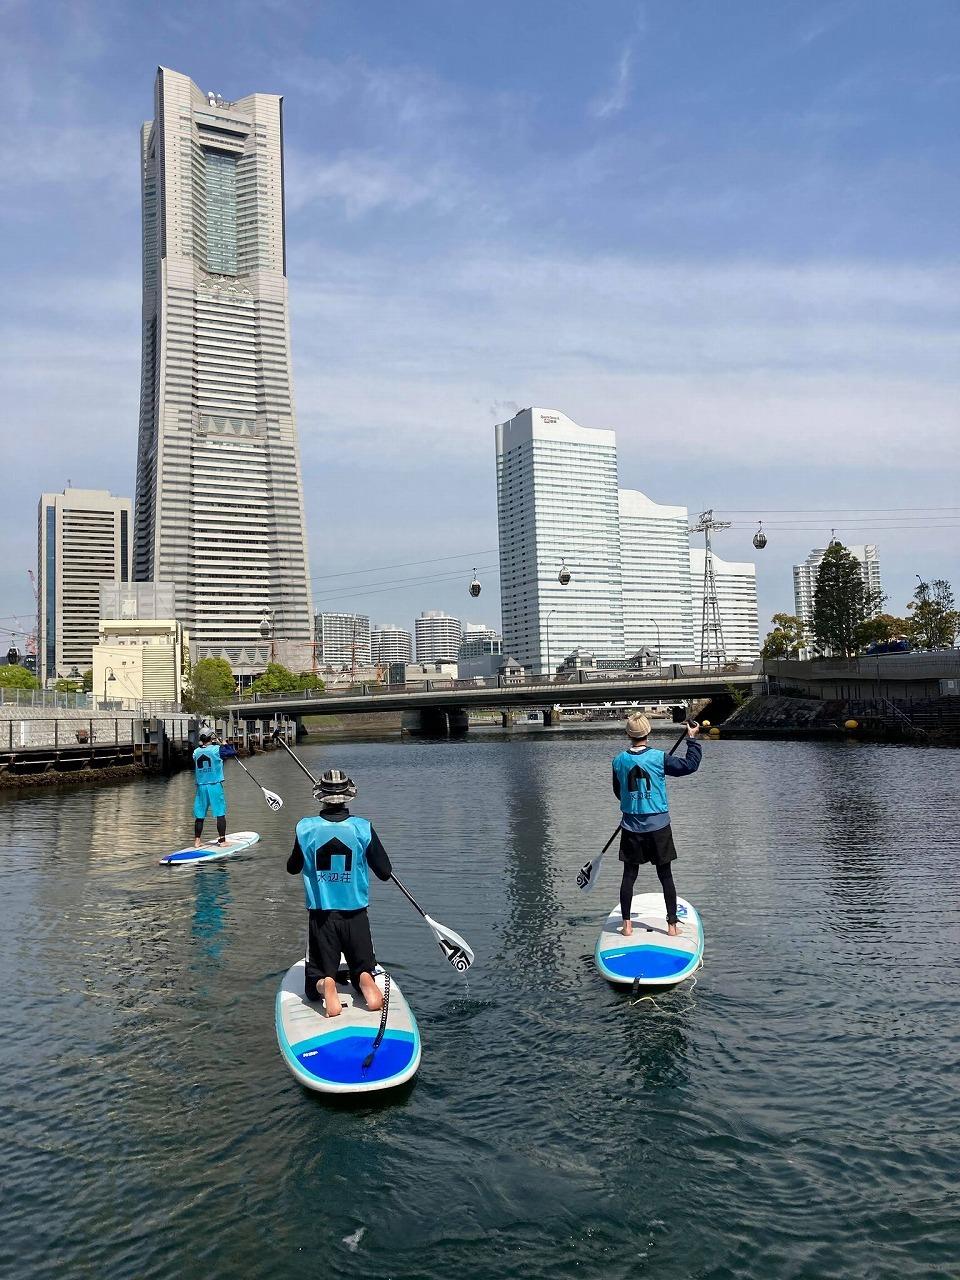 横浜・大岡川でSUPを楽しむ_c0027849_14411318.jpg